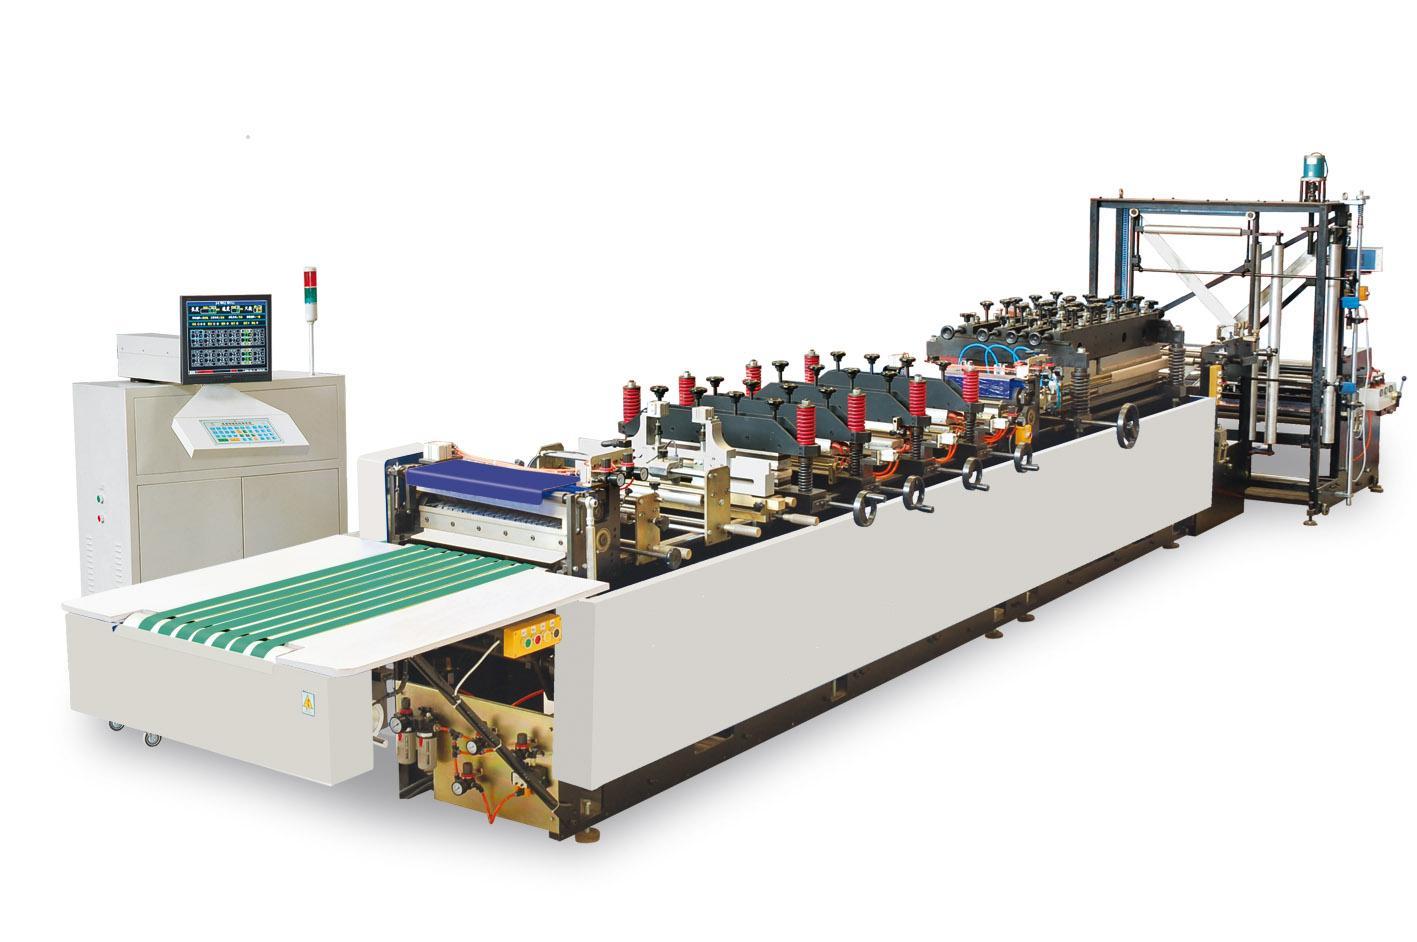 制袋加工是塑料软包装生产加工的最后一道工序,如果制袋质量不合格或